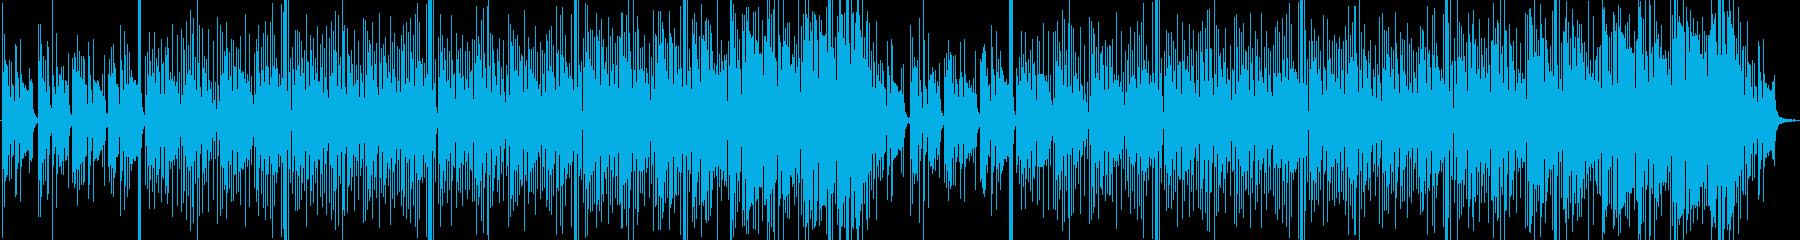 素朴でほのぼの系な配信BGM向けポップスの再生済みの波形